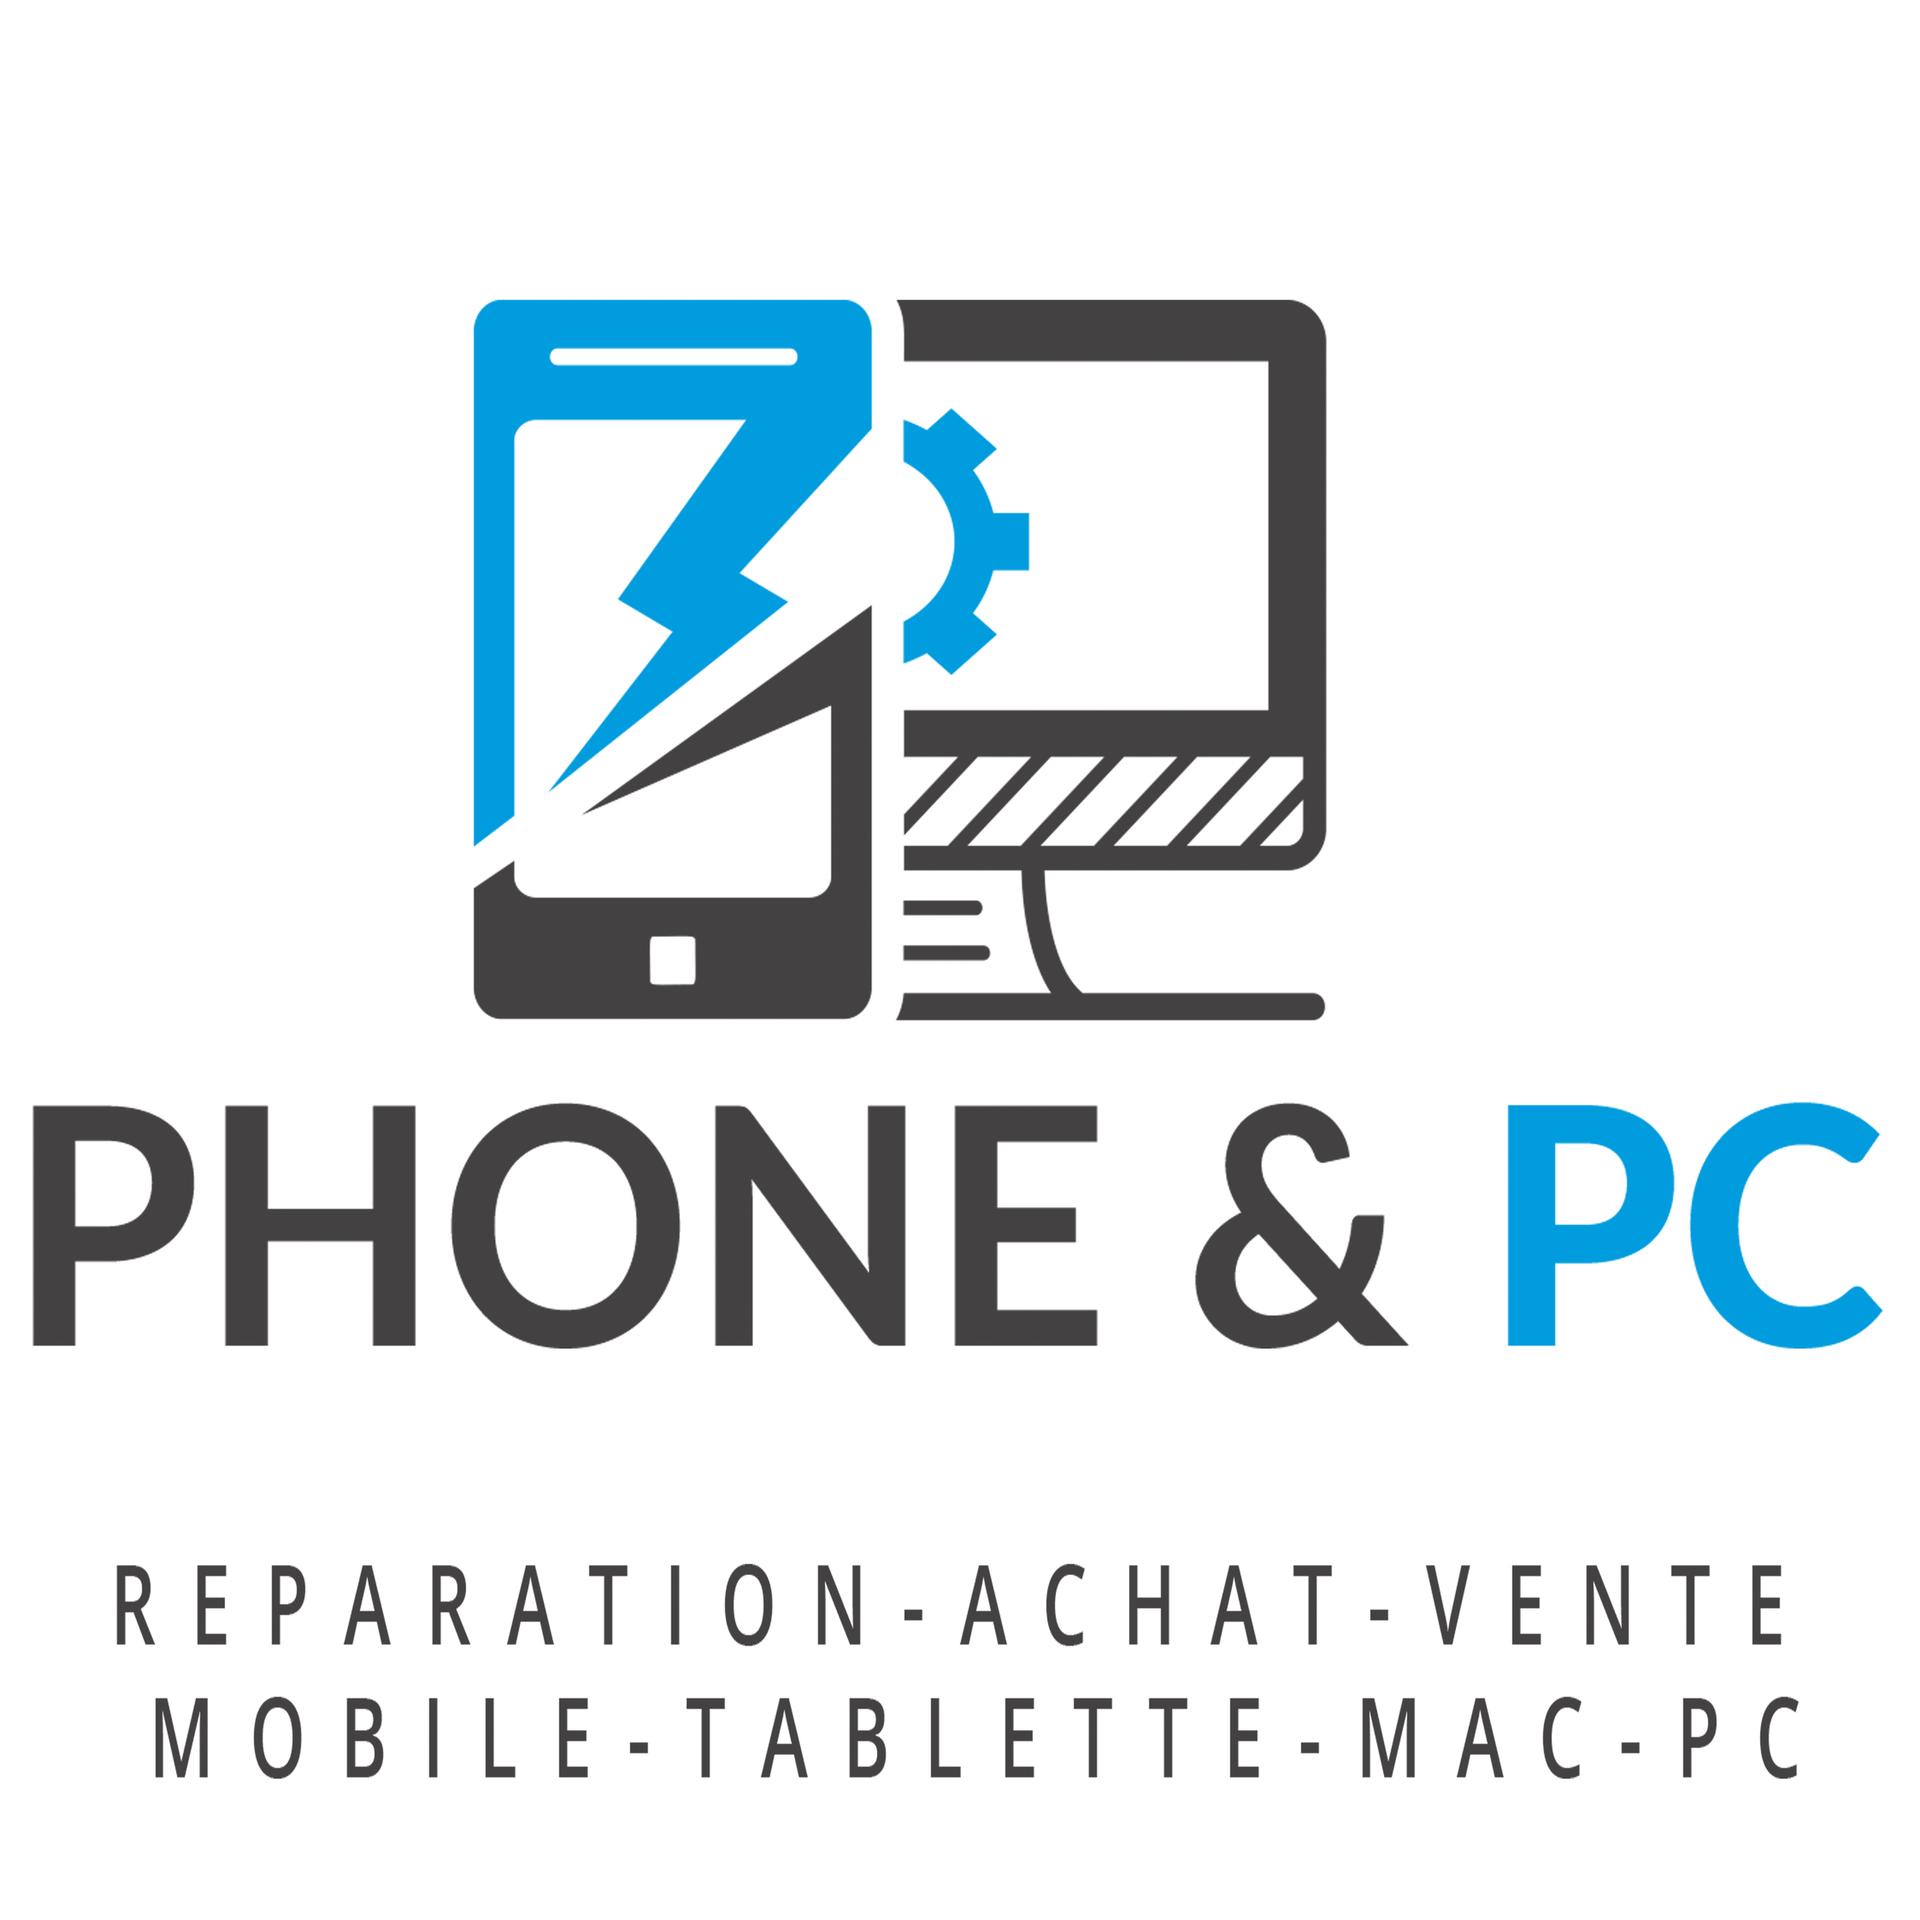 Phone & Pc dépannage informatique